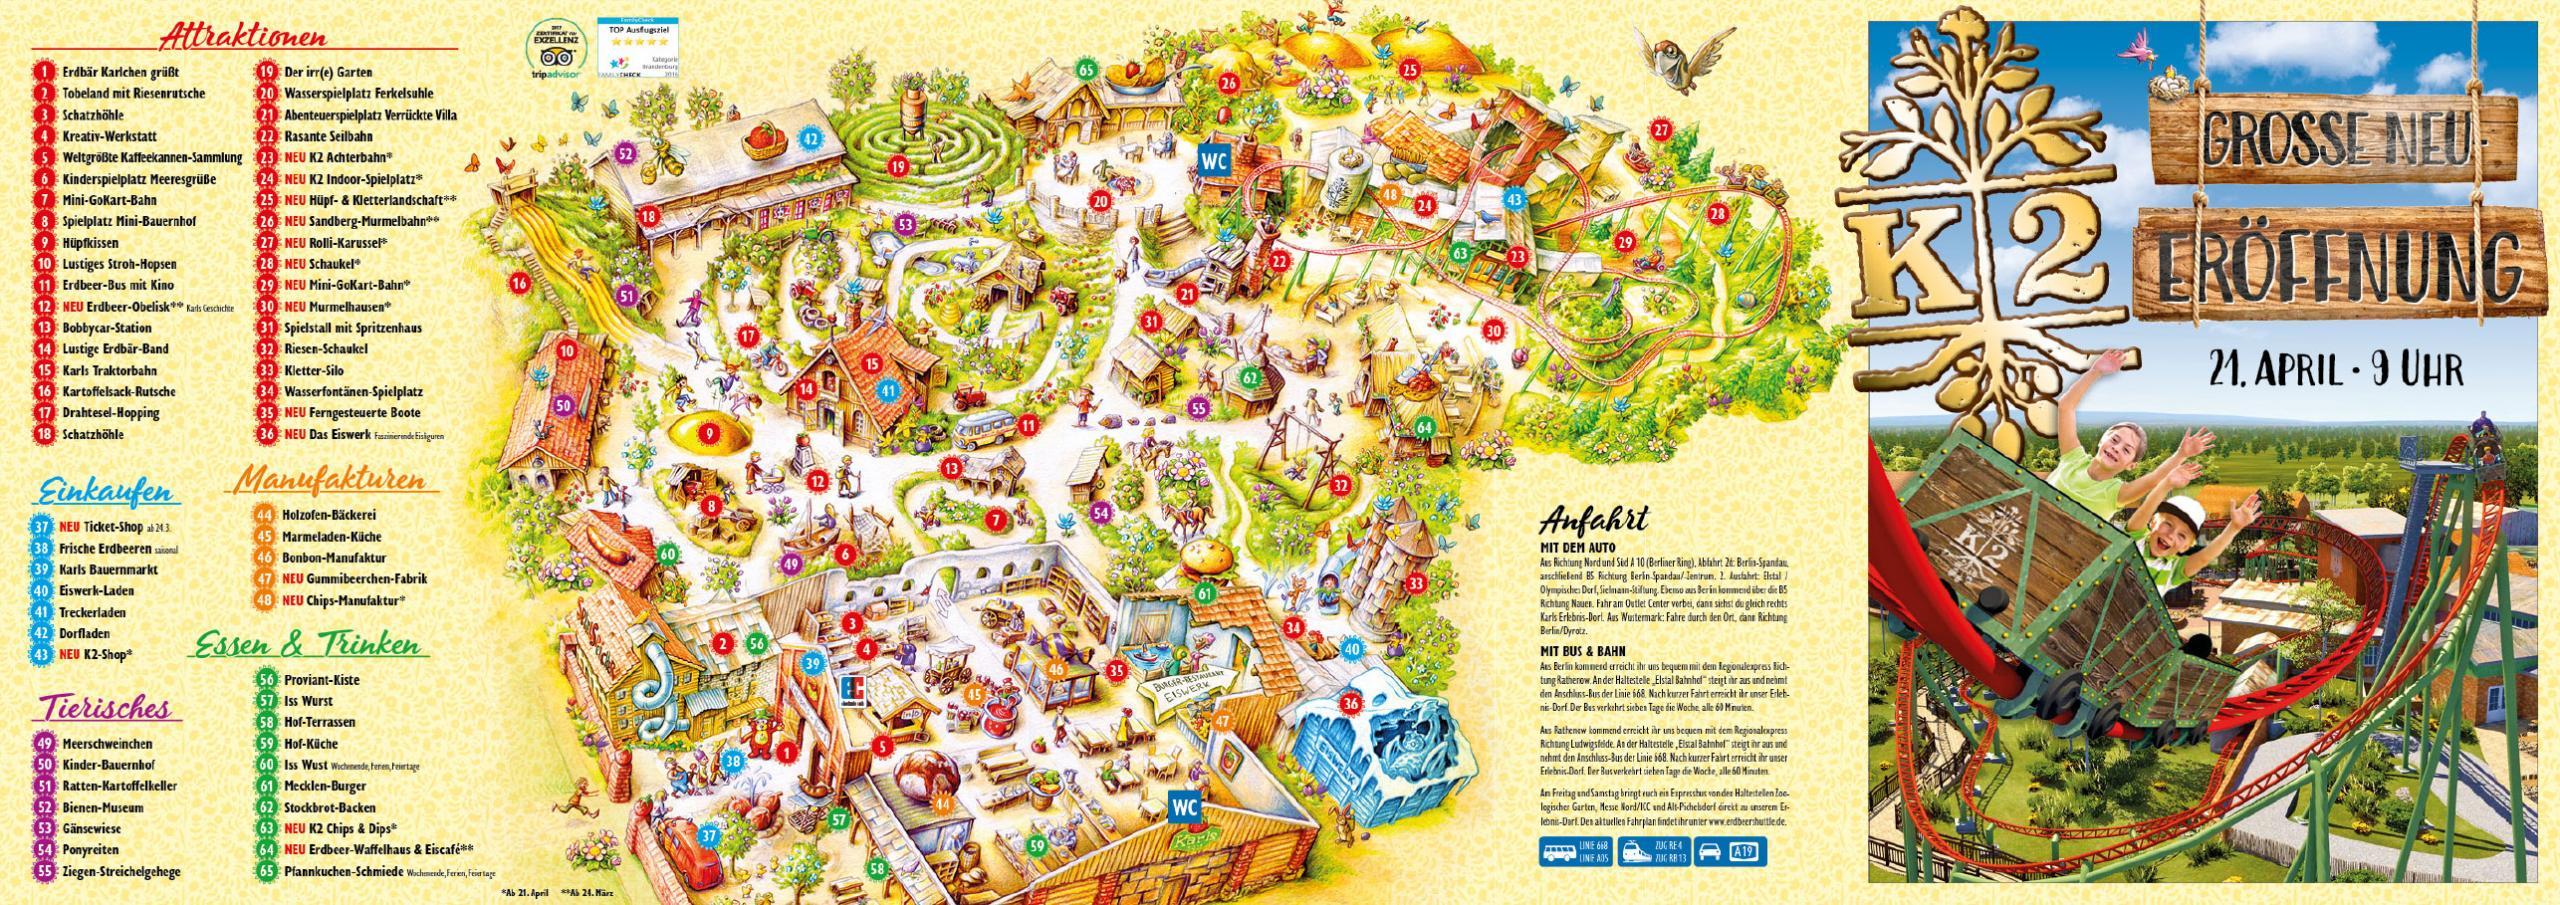 Parkplan Karls Erlebnis-Dorf Elstal